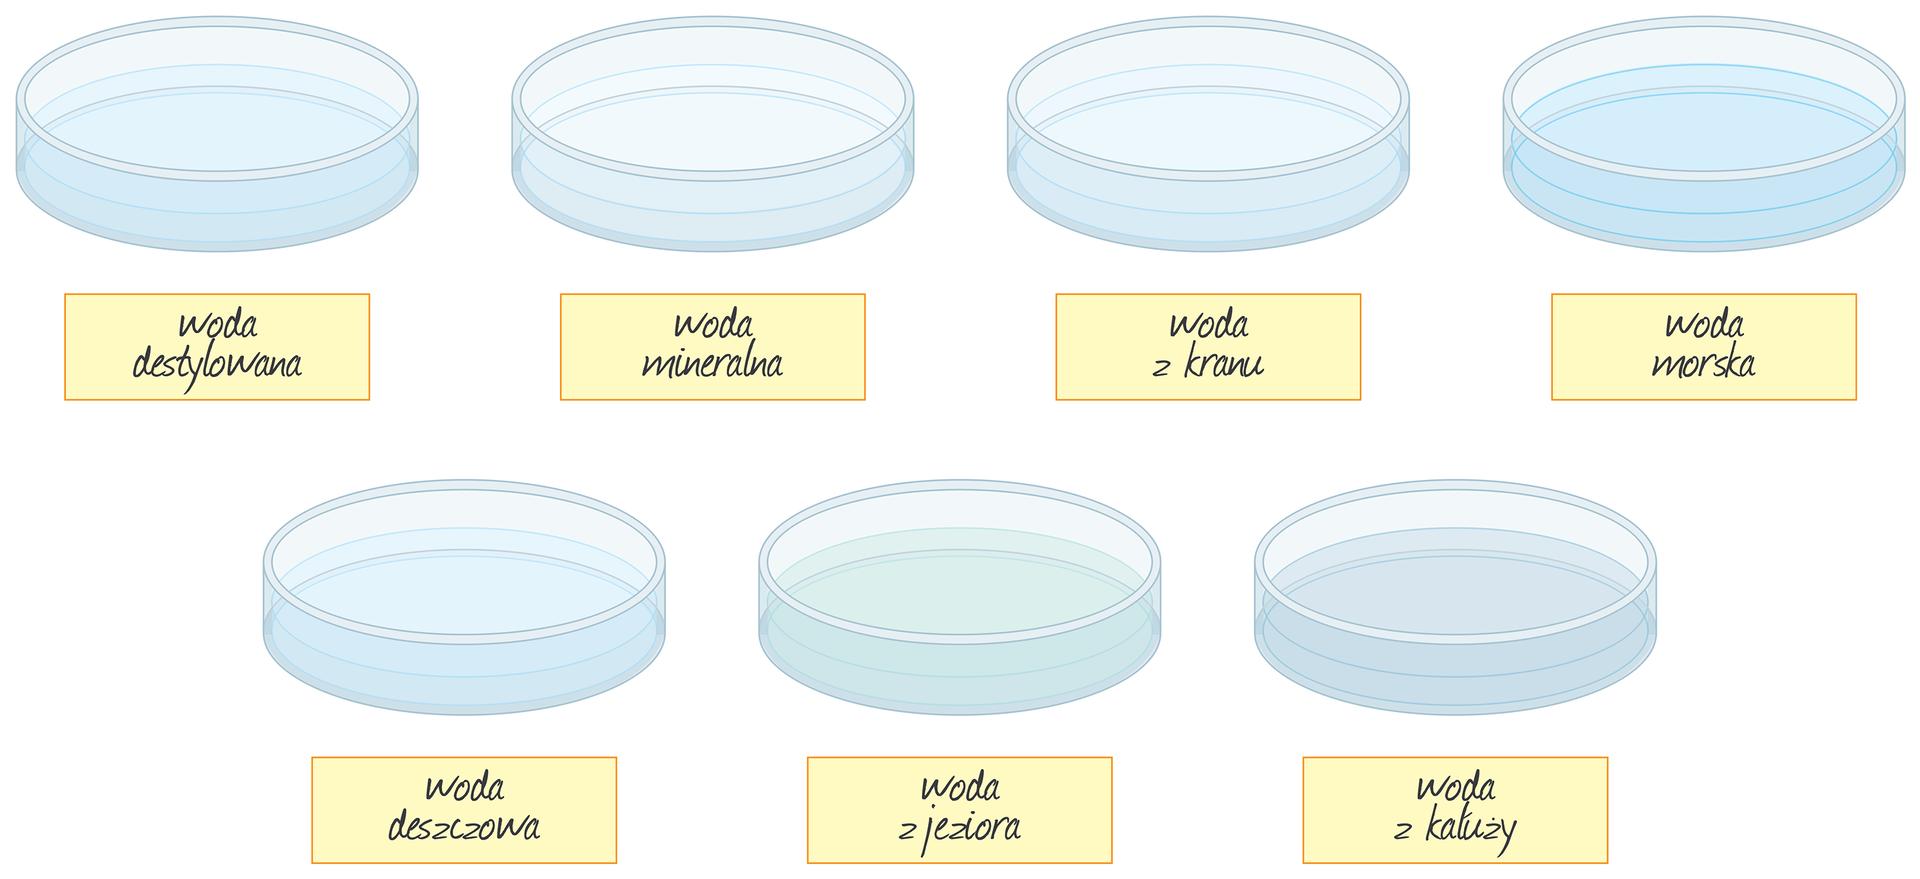 Ilustracja przedstawia zebrane wjednym miejscu składniki do doświadczenia. Zestaw składa się zsiedmiu szklanych płaskich naczyń laboratoryjnych, czyli szalek Petriego. Wkażdej znajduje się taka sama ilość wody ikażda ma poniżej etykietkę zpodpisem. Niektóre zawartości odznaczają się nieco odmienną barwą, niż reszta. Licząc od lewej strony wgórnym rzędzie znajdują się: woda destylowana, woda mineralna, woda zkranu inieco ciemniejsza od pozostałych woda morska. Wdolnym rzędzie próbki to: woda deszczowa, woda zjeziora onieco zielonkawym zabarwieniu imętna woda zkałuży.